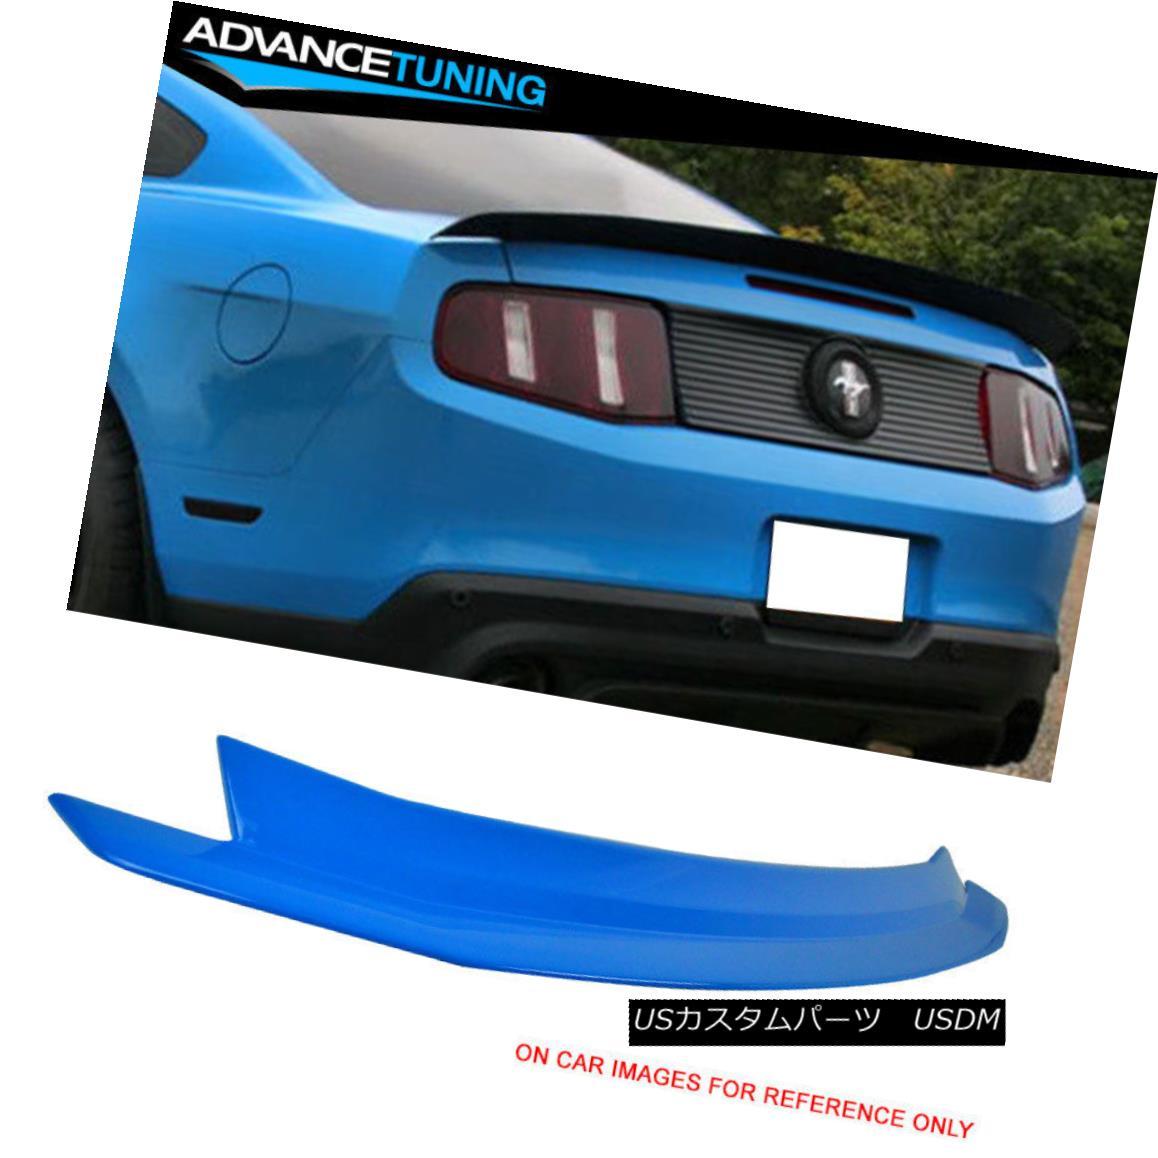 エアロパーツ 10-14 Ford Mustang OEM Painted Color Trunk Spoiler # CI Grabber Blue 10-14フォードマスタングOEM塗装カラートランクスポイラー#CIグラバーブルー